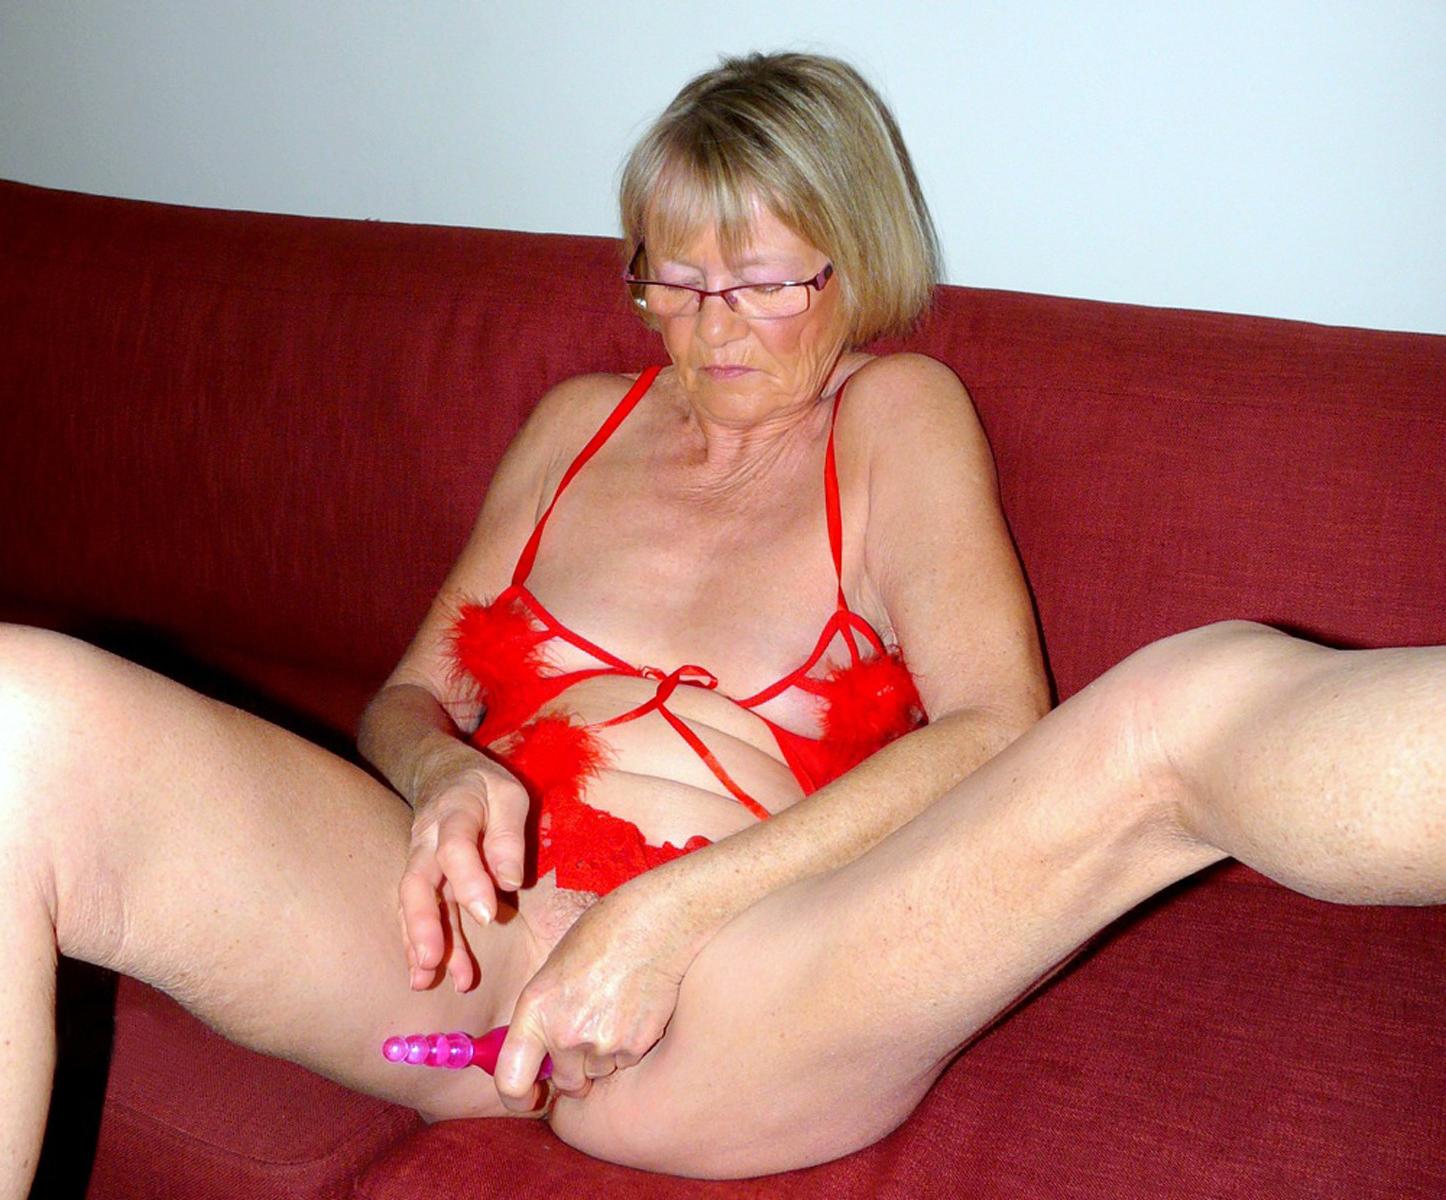 Granny masterbating private pics